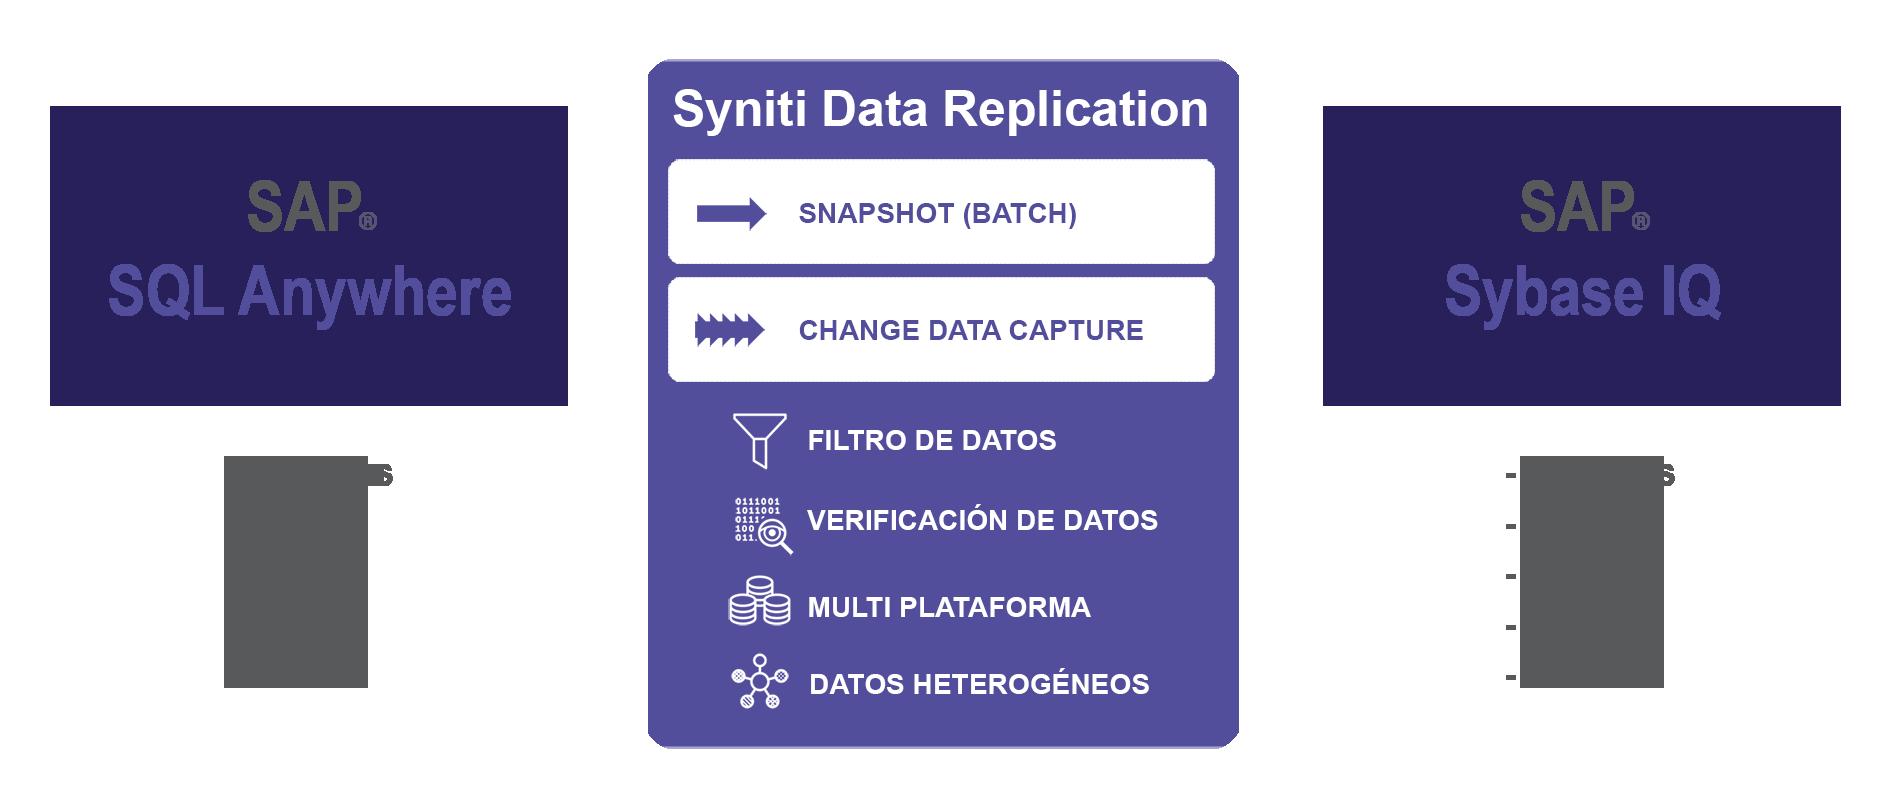 Replicacion de datos entre SQL Anywhere a SAP IQ en tiempo real